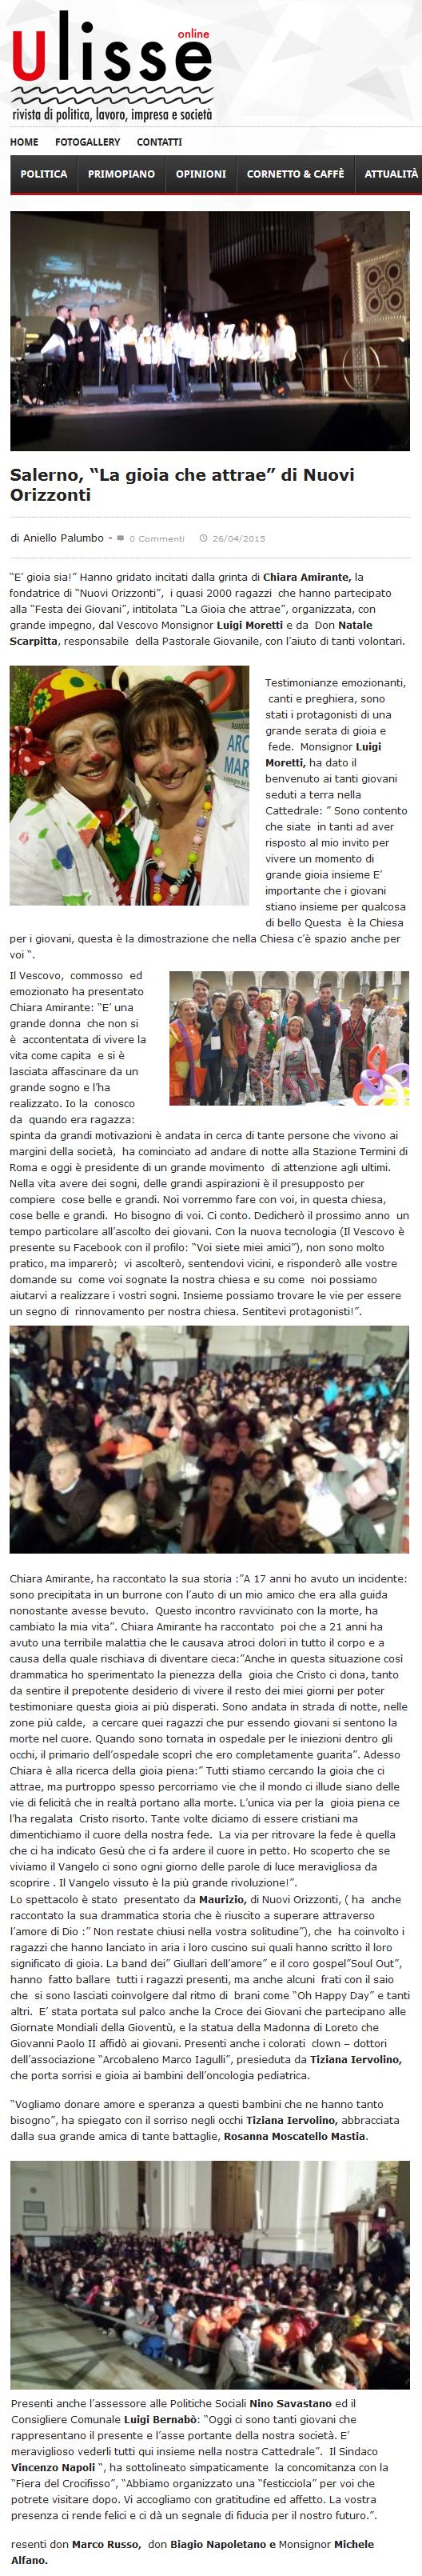 """Ulisse online - Salerno, """"La gioia che attrae"""" di Nuovi Orizzonti"""